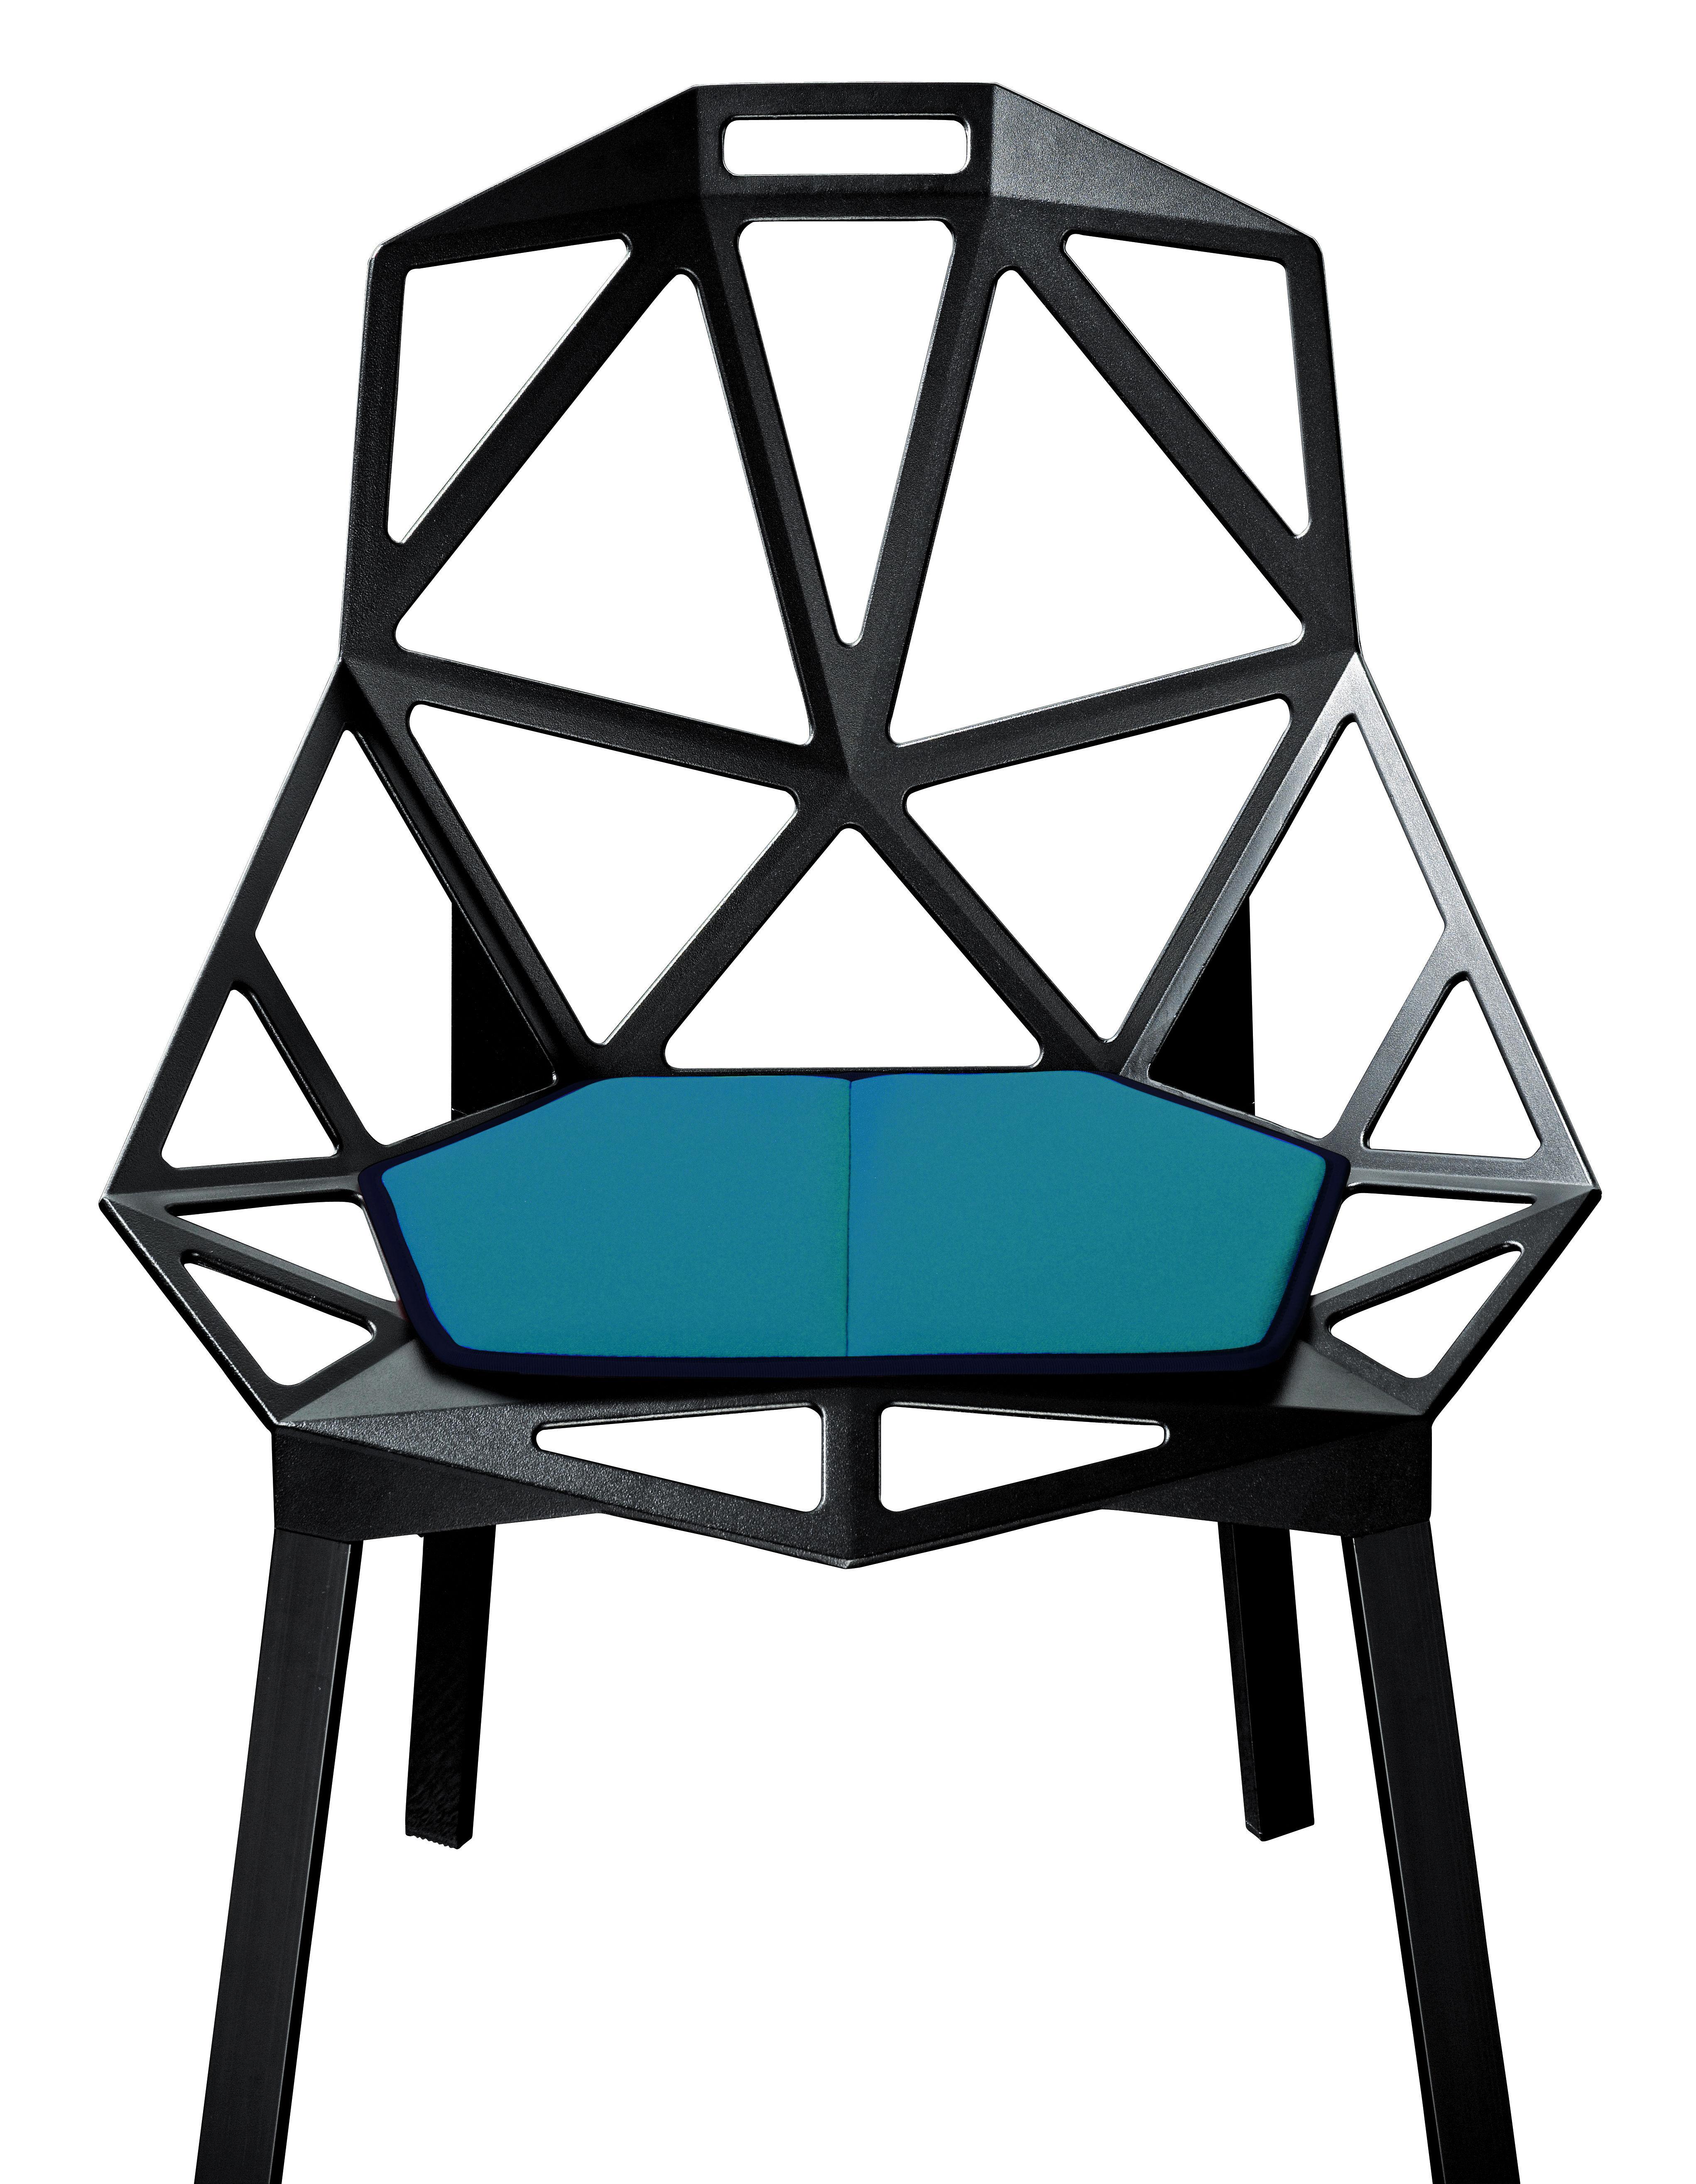 coussin d 39 assise pour chair one bleu ciel magis. Black Bedroom Furniture Sets. Home Design Ideas